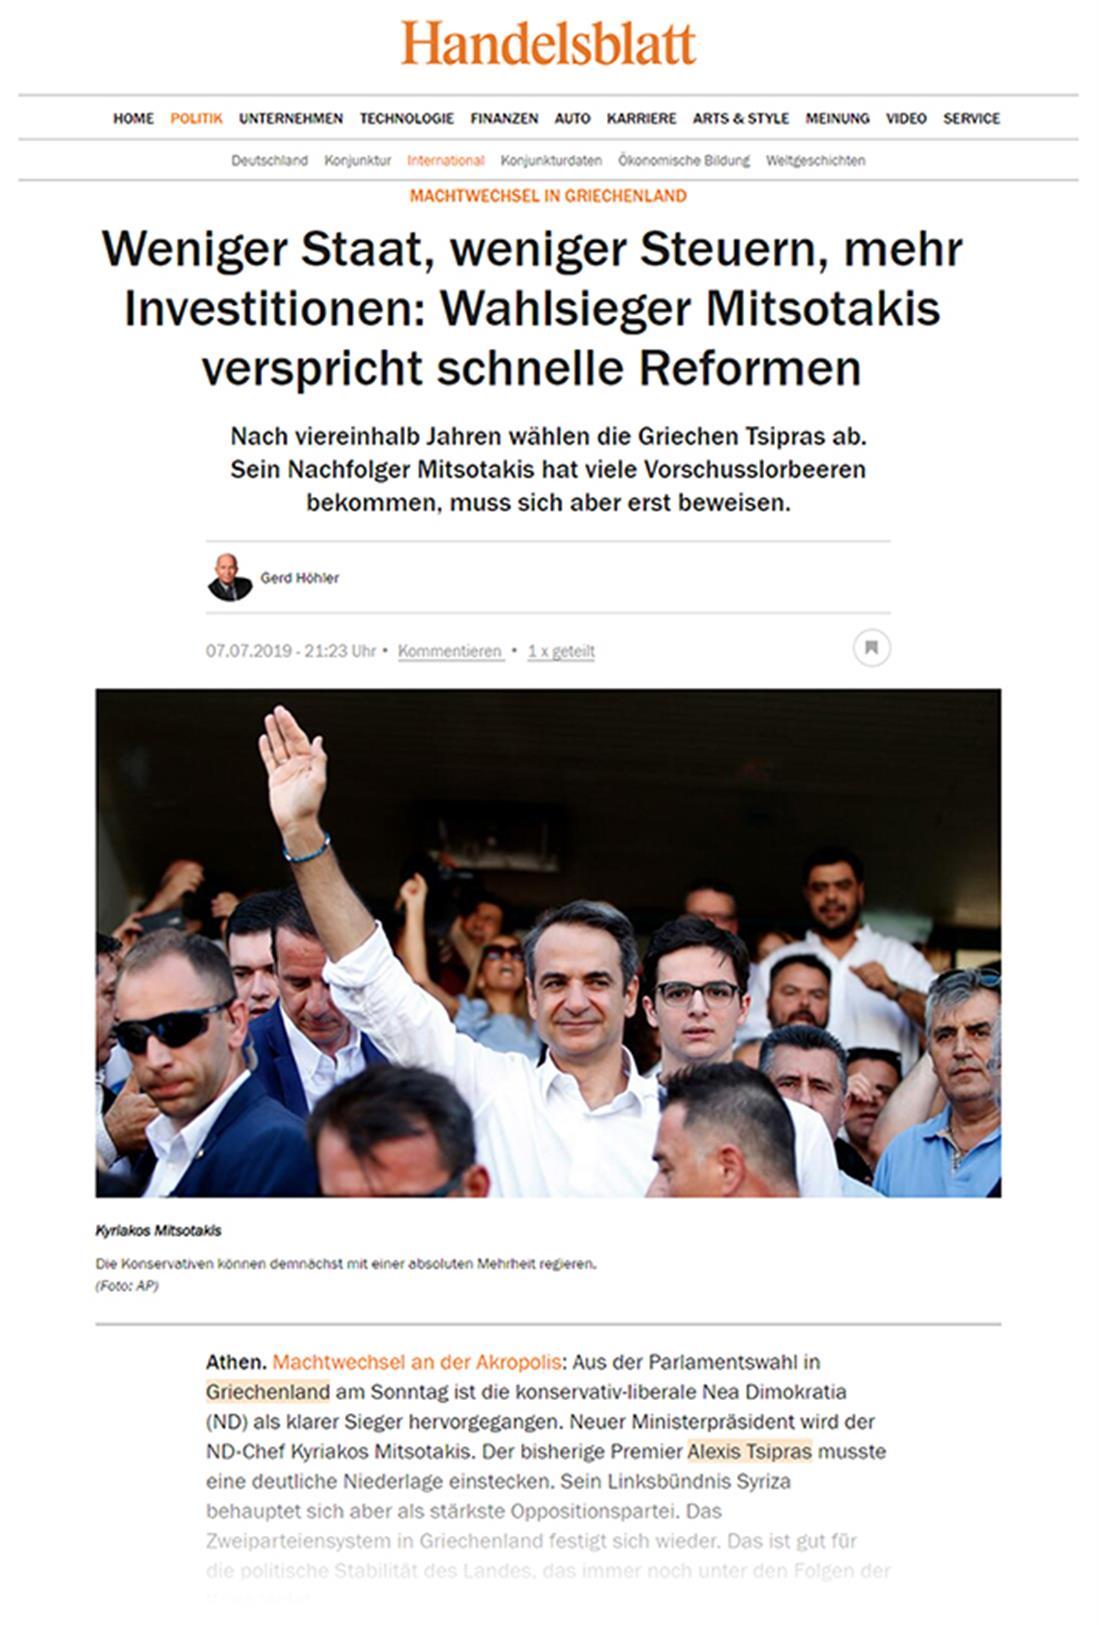 Κυριάκος Μητσοτάκης - εκλογές - ξένα Μέσα - εφημερίδες